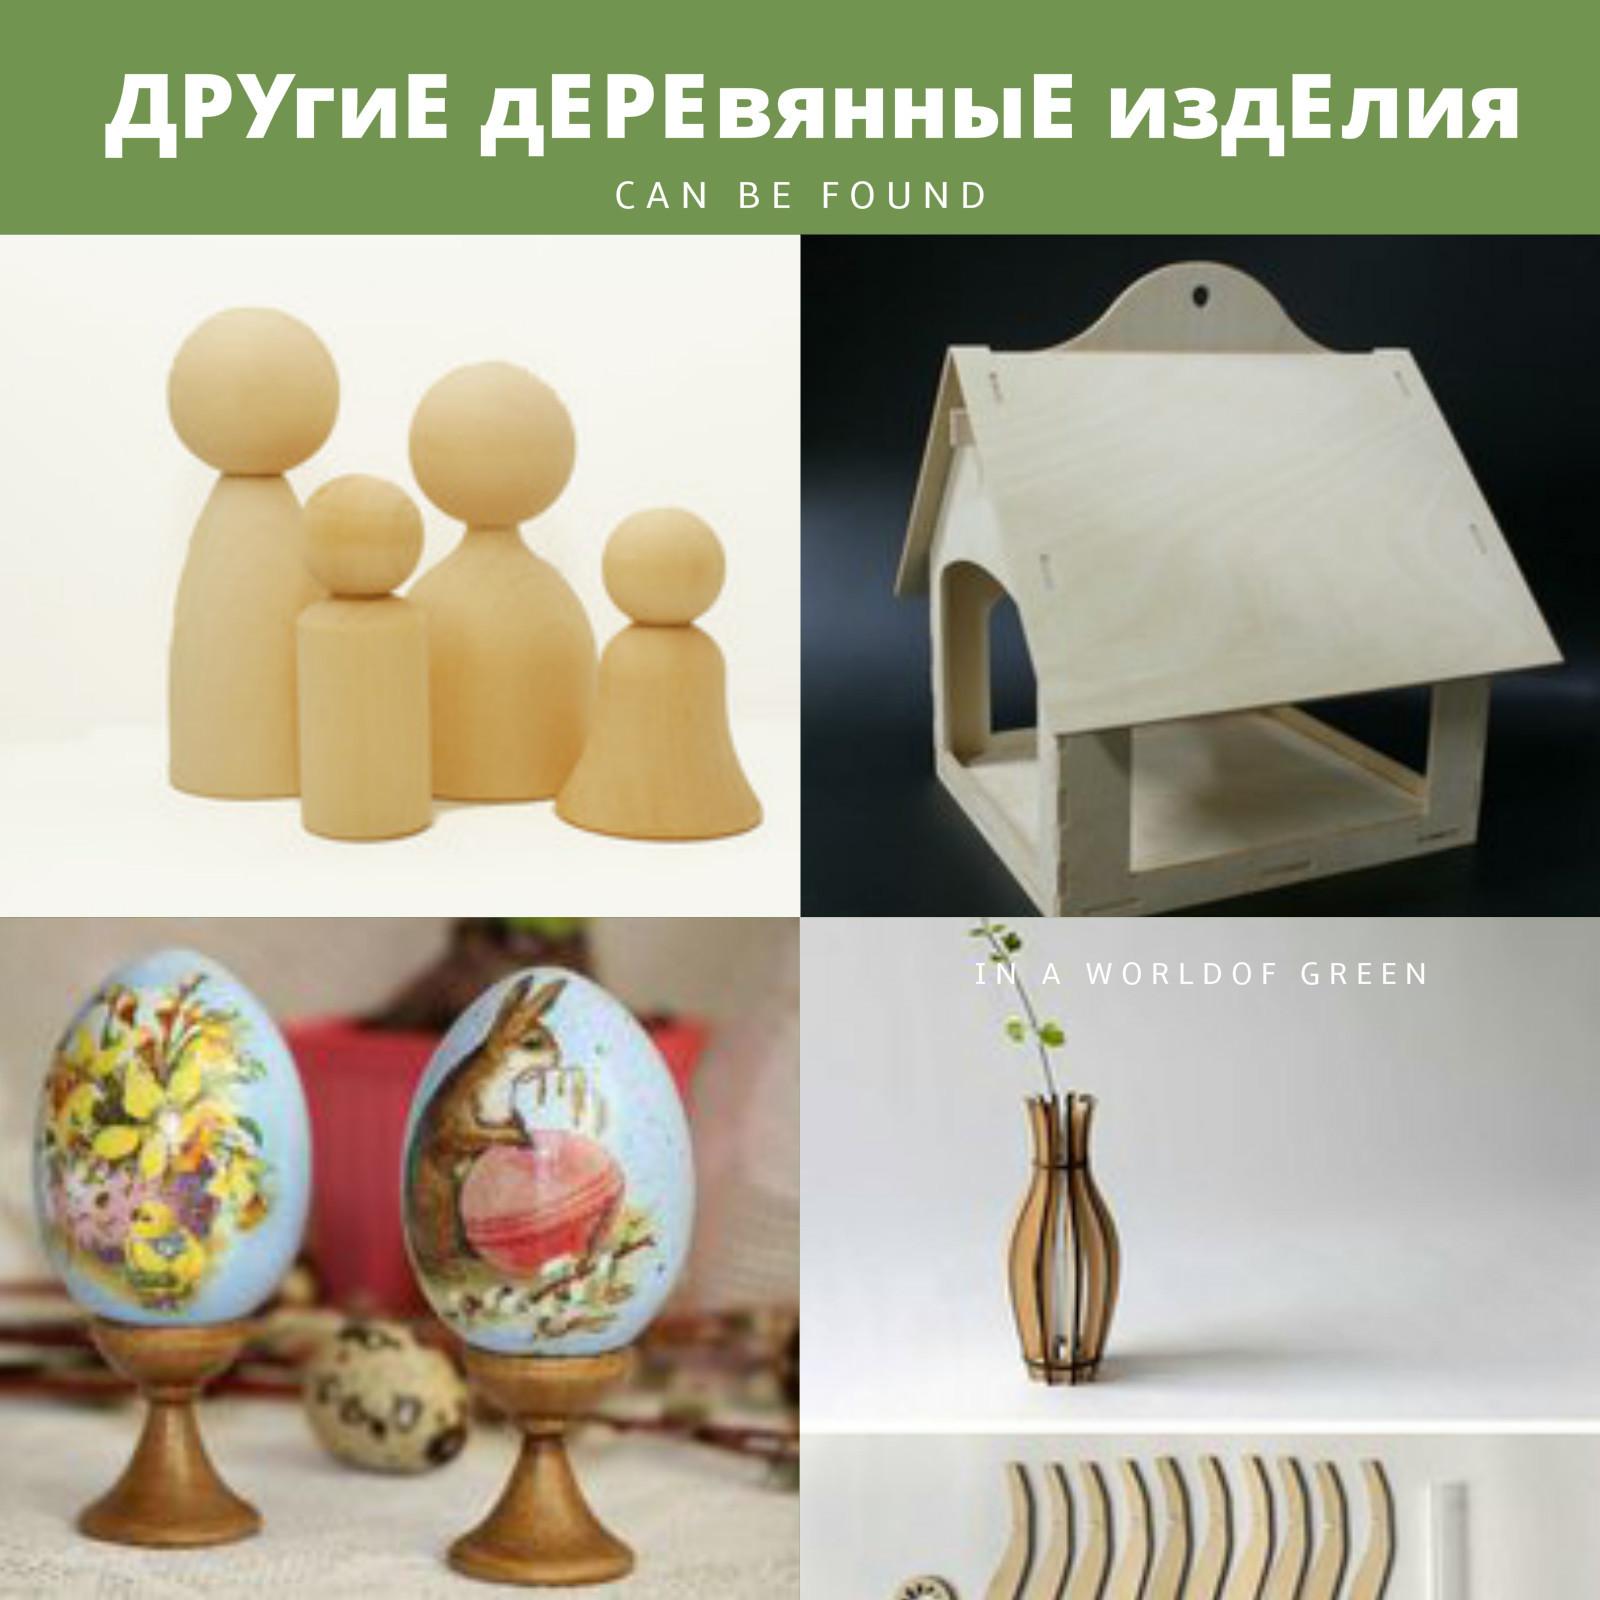 НАБОРы деревянных изделий (в коробах)